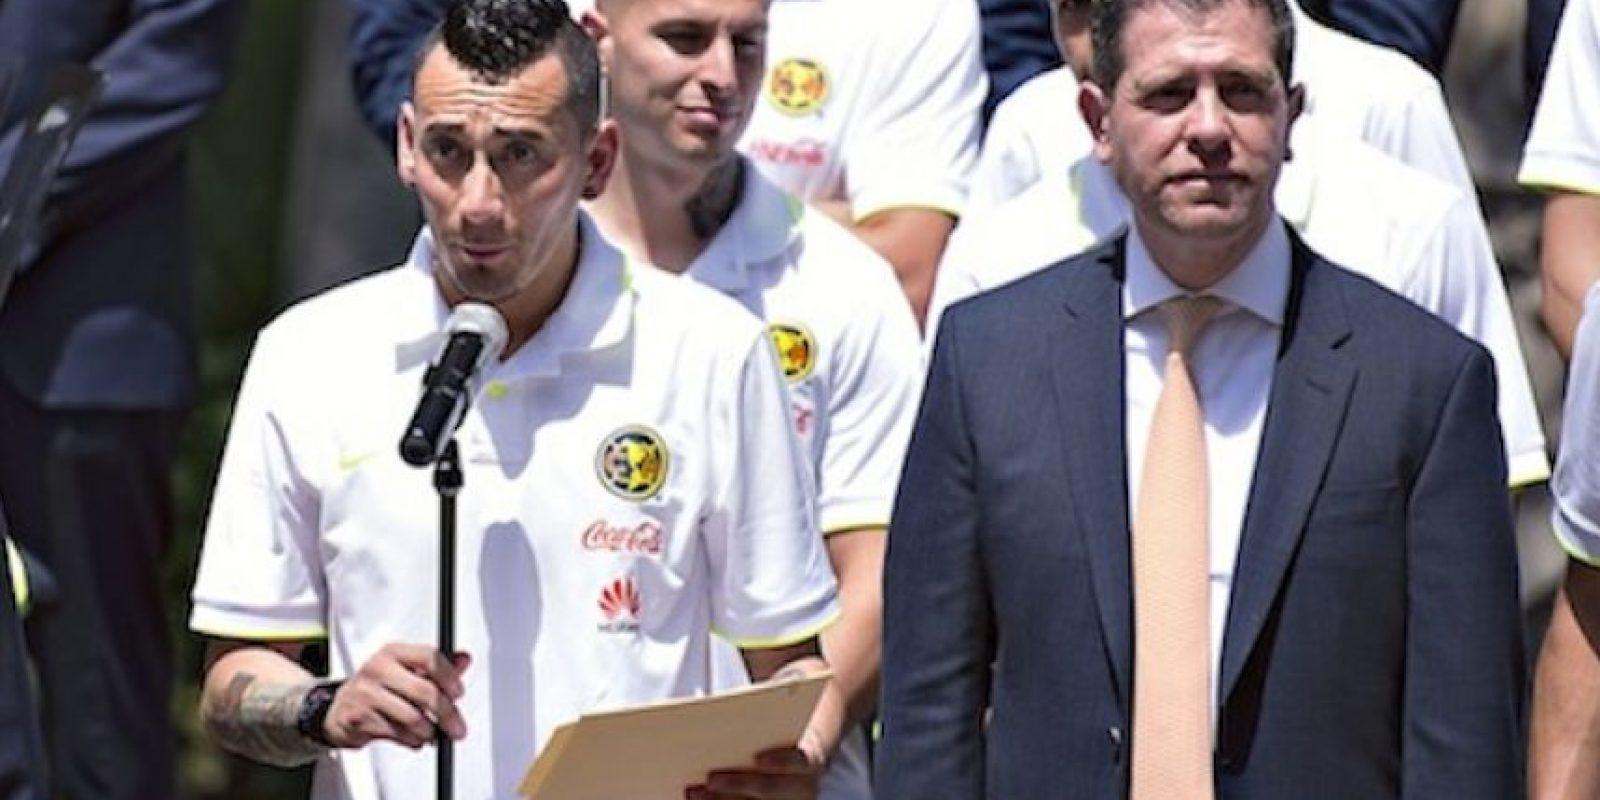 El titular de la Conade estuvo en Los Pinos durante la visita del Club América Foto:Mexsport